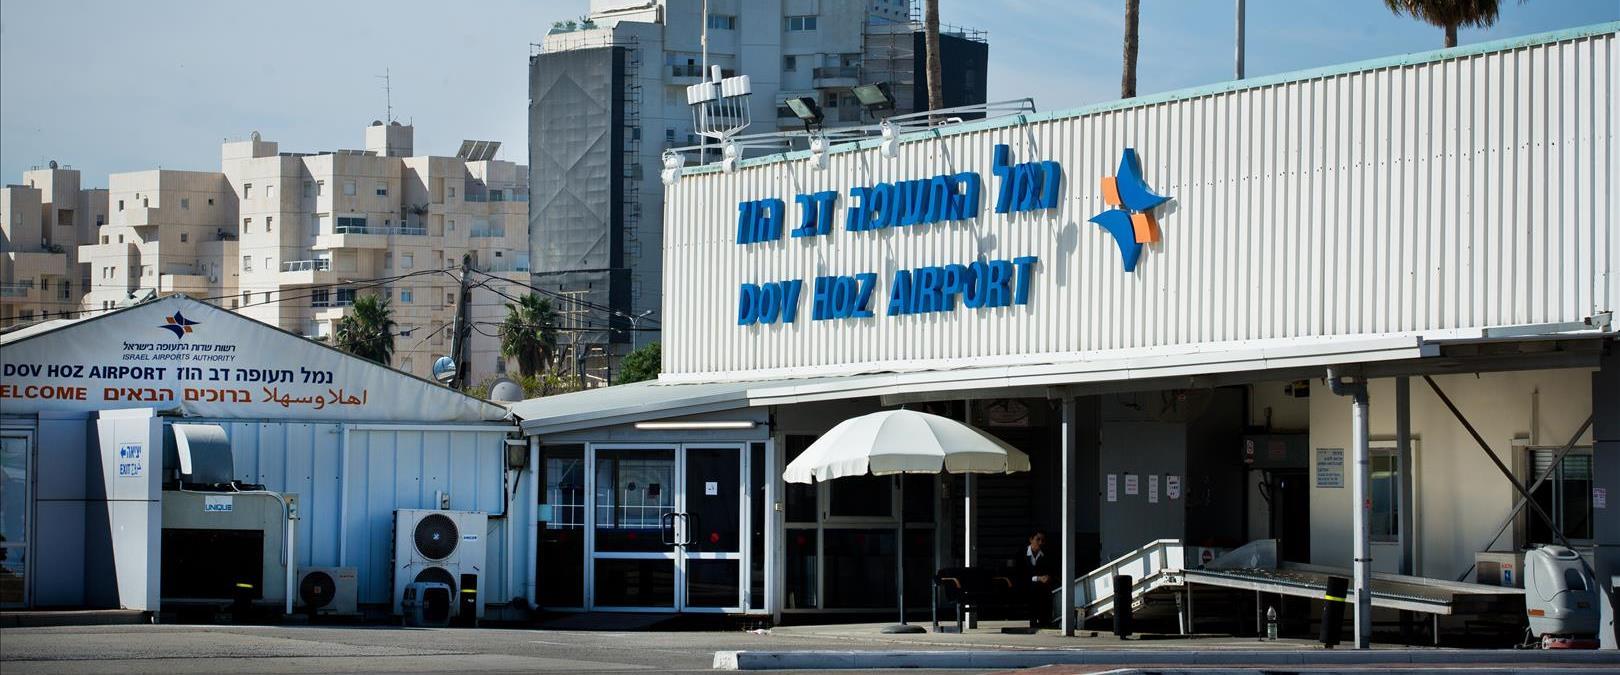 שדה התעופה דב הוז